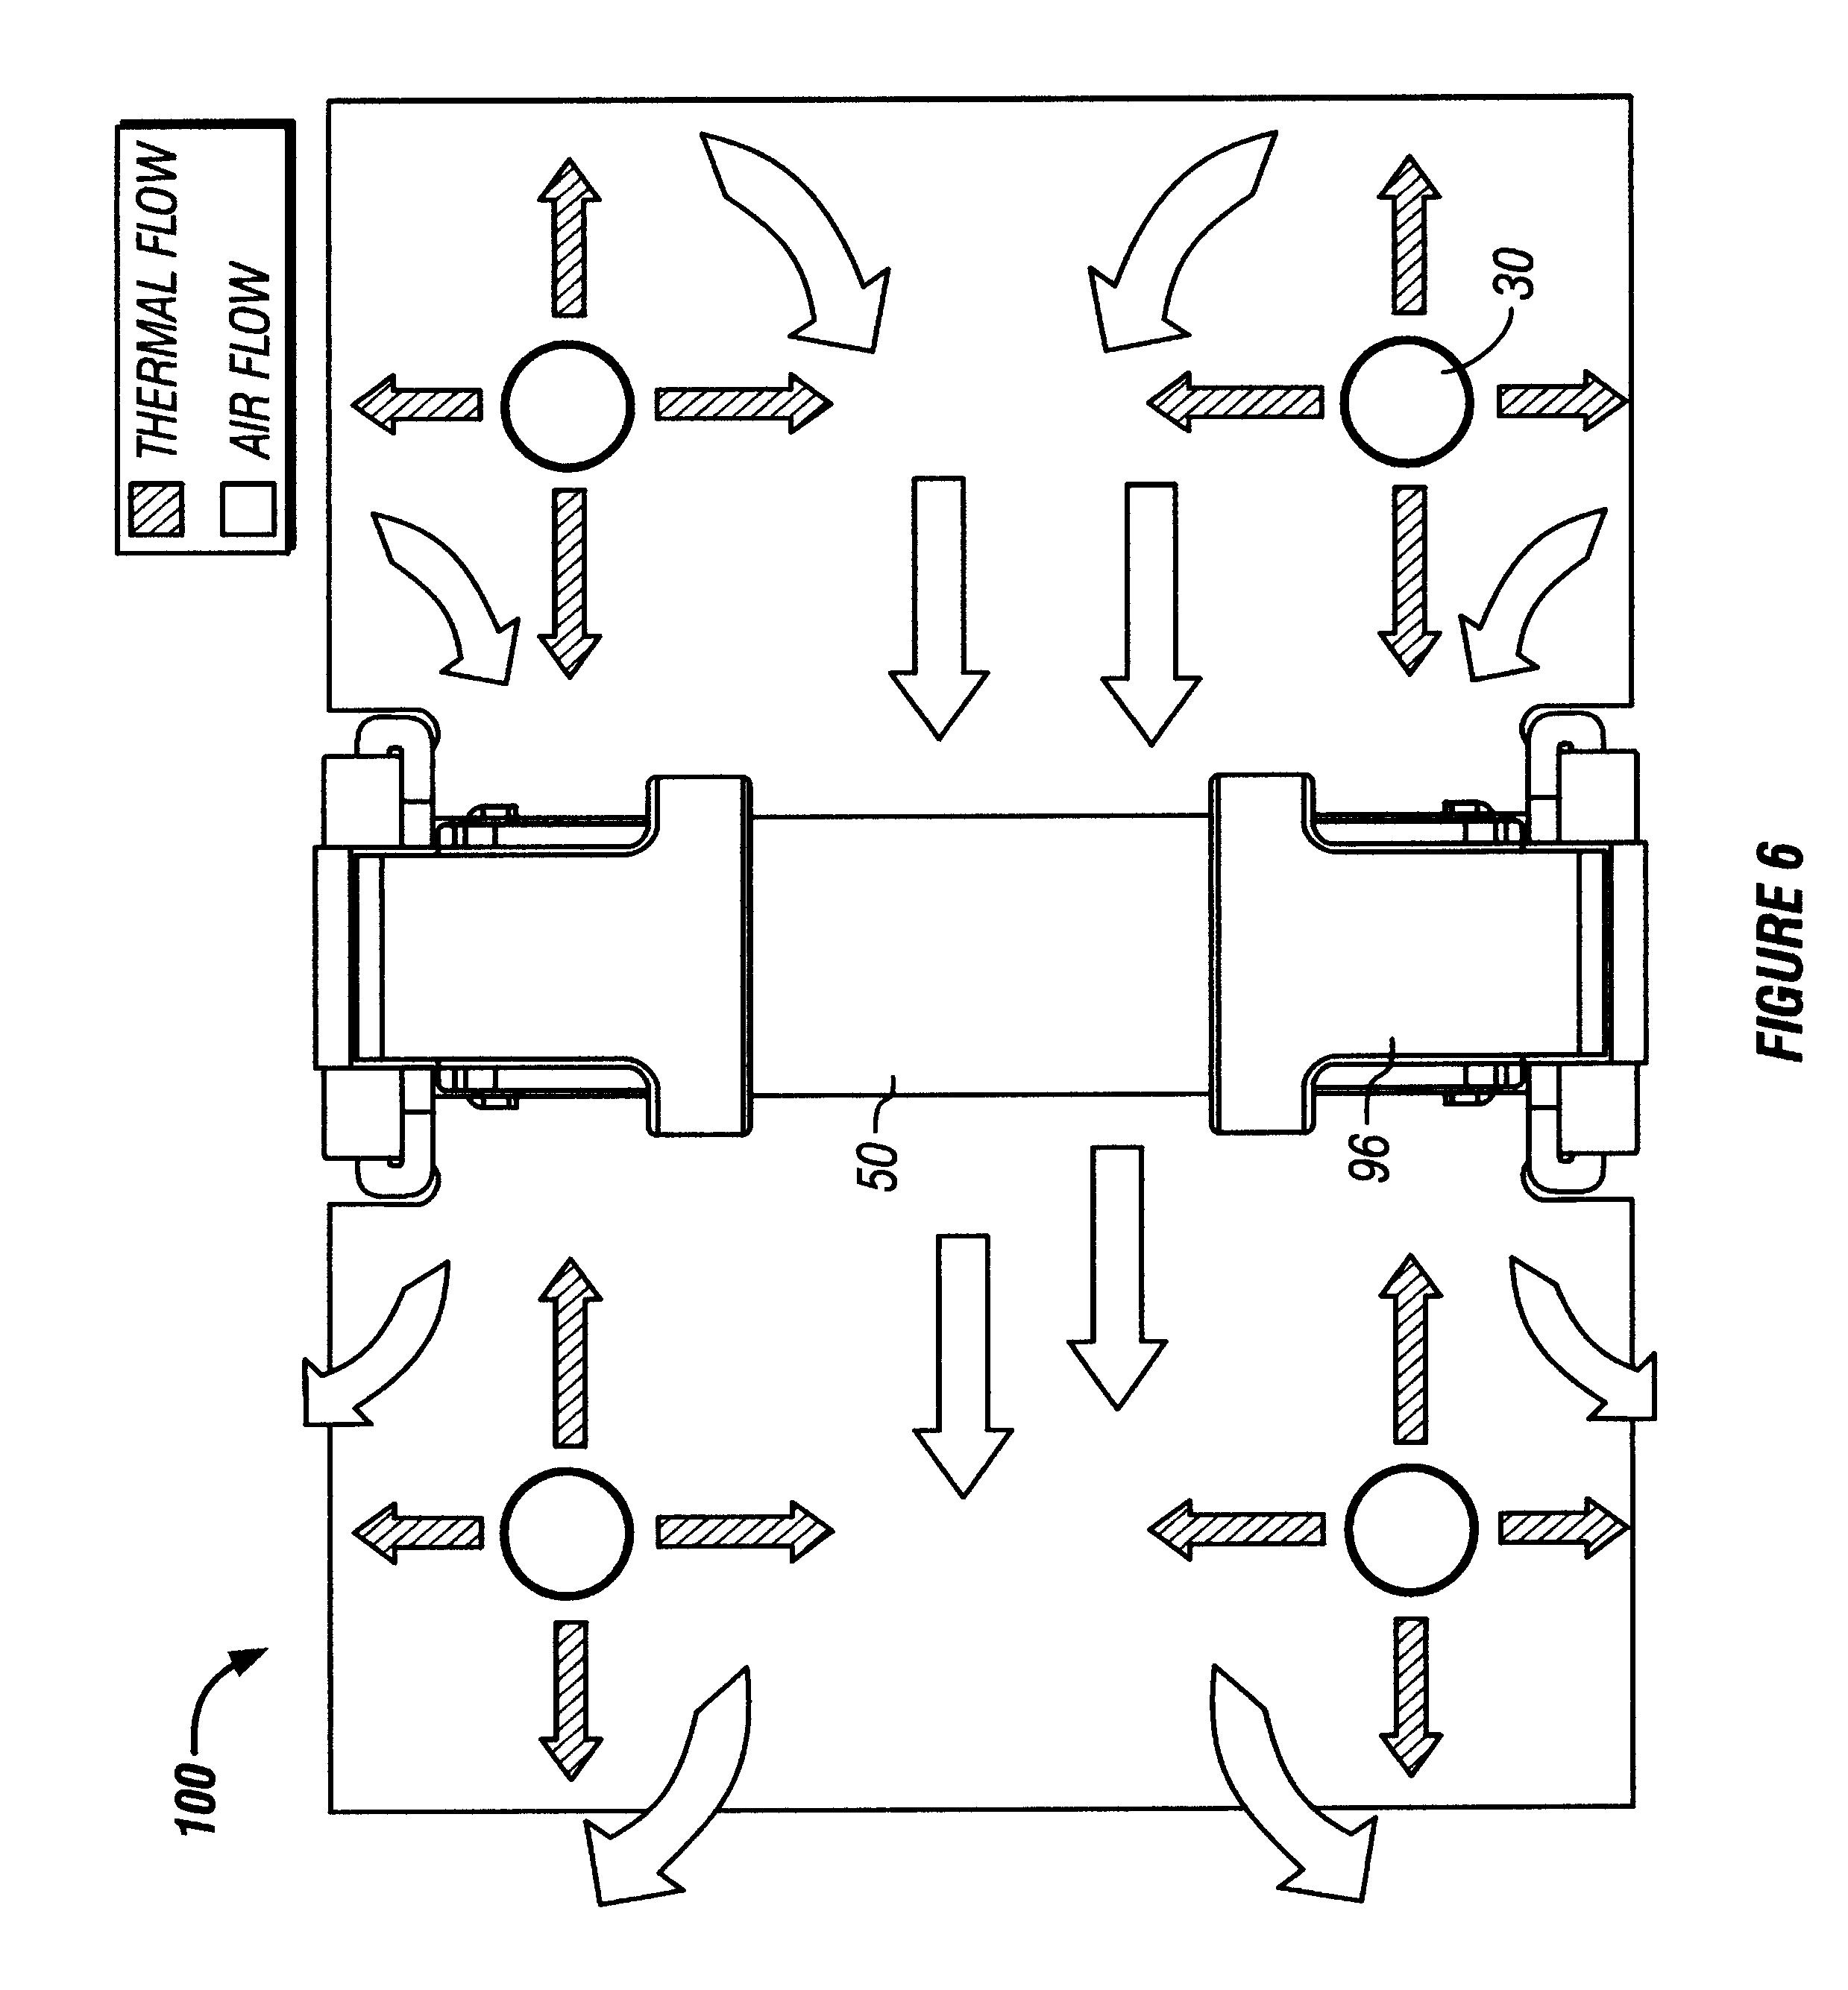 patent us6625021